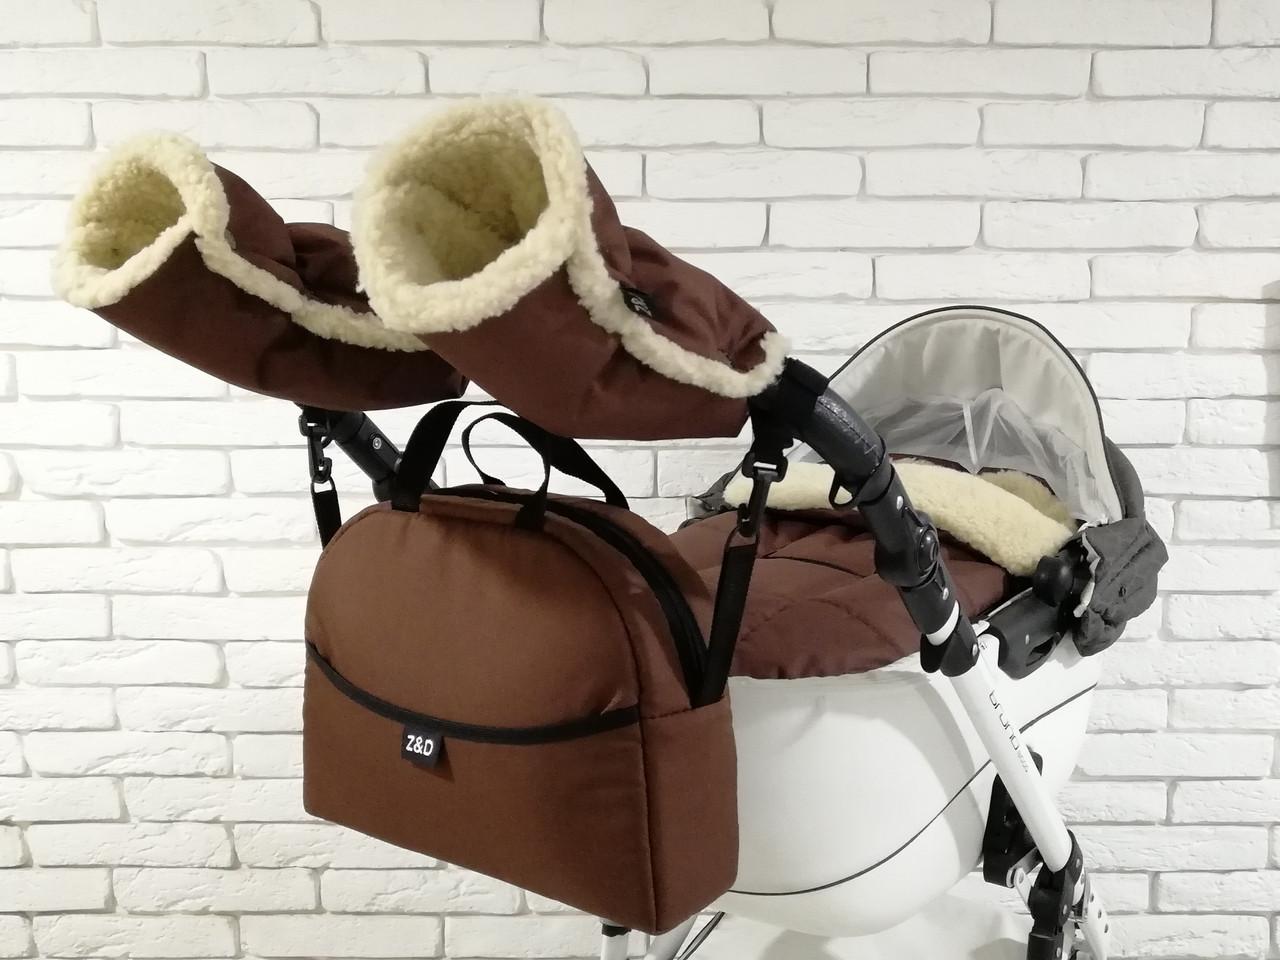 Комплект зимний Конверт, рукавички и сумка Z&D New (Коричневый)